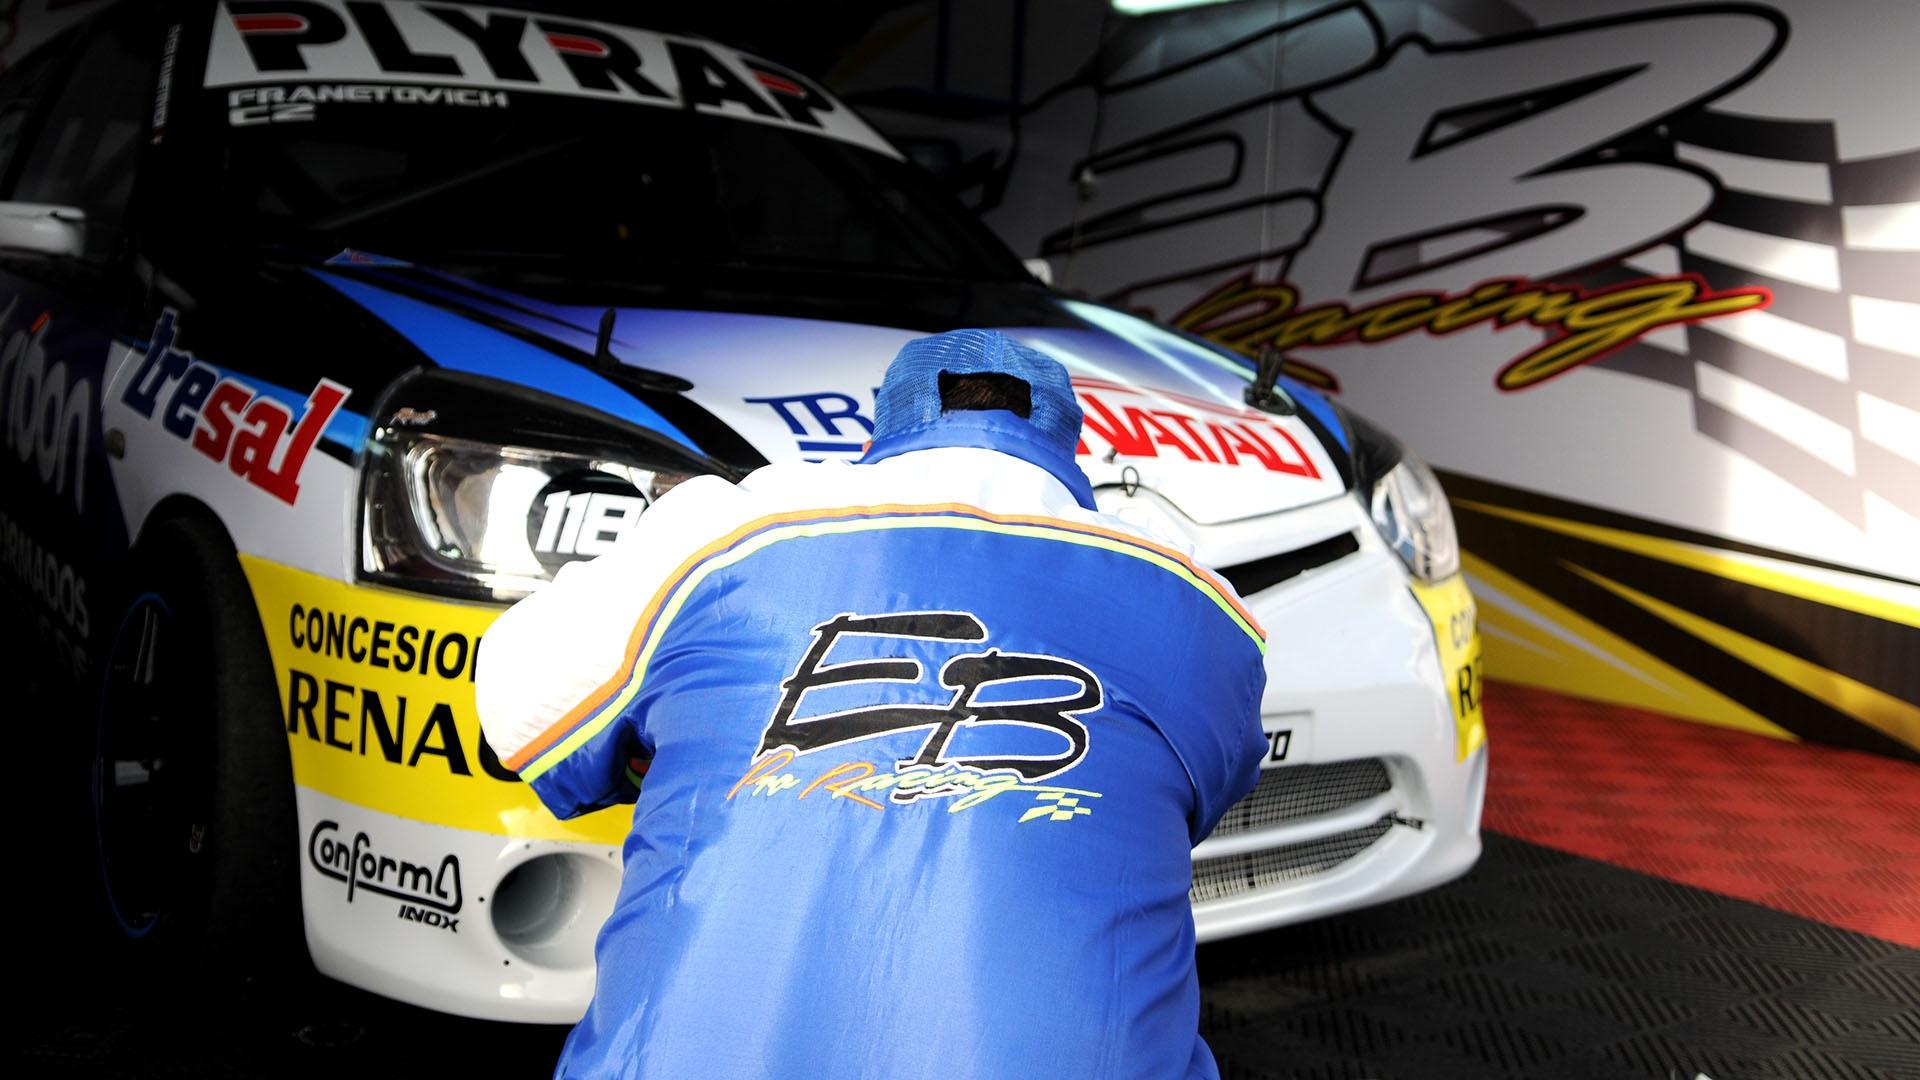 Proyecciones de EMB Pro Racing